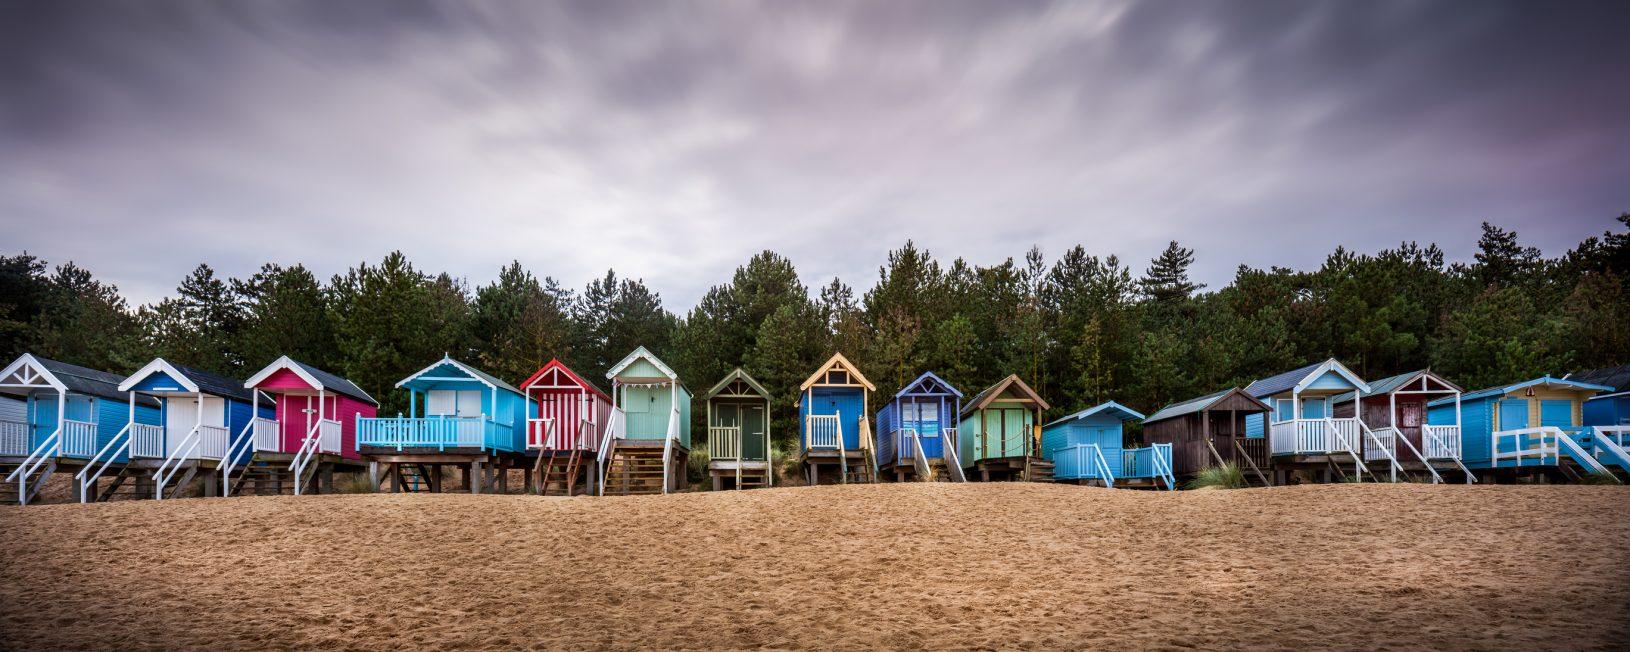 Beach Huts on the Norfolk Coast